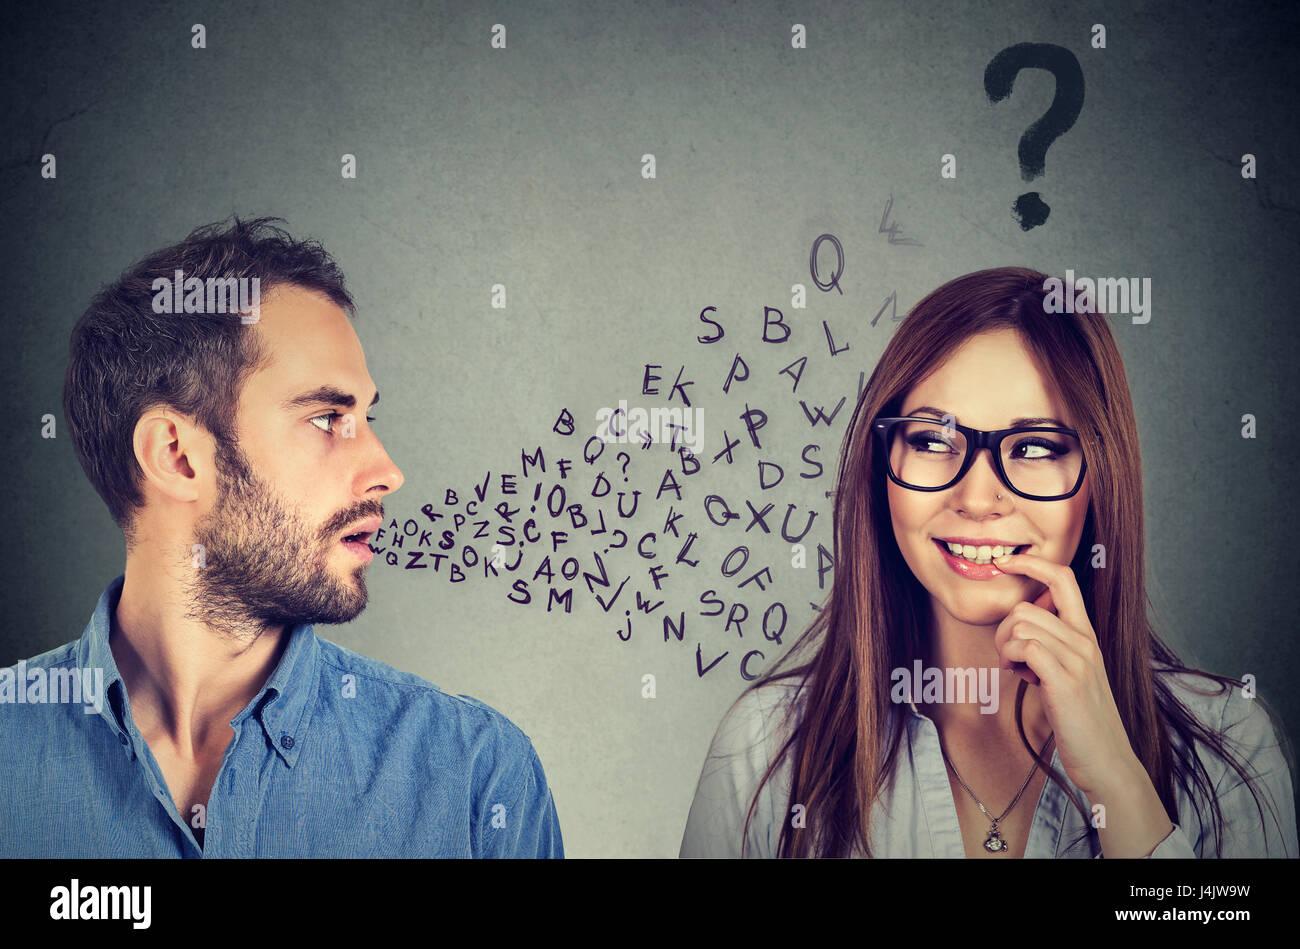 Barrière linguistique concept. Bel homme de parler à une jolie jeune femme avec un point d'interrogation Photo Stock